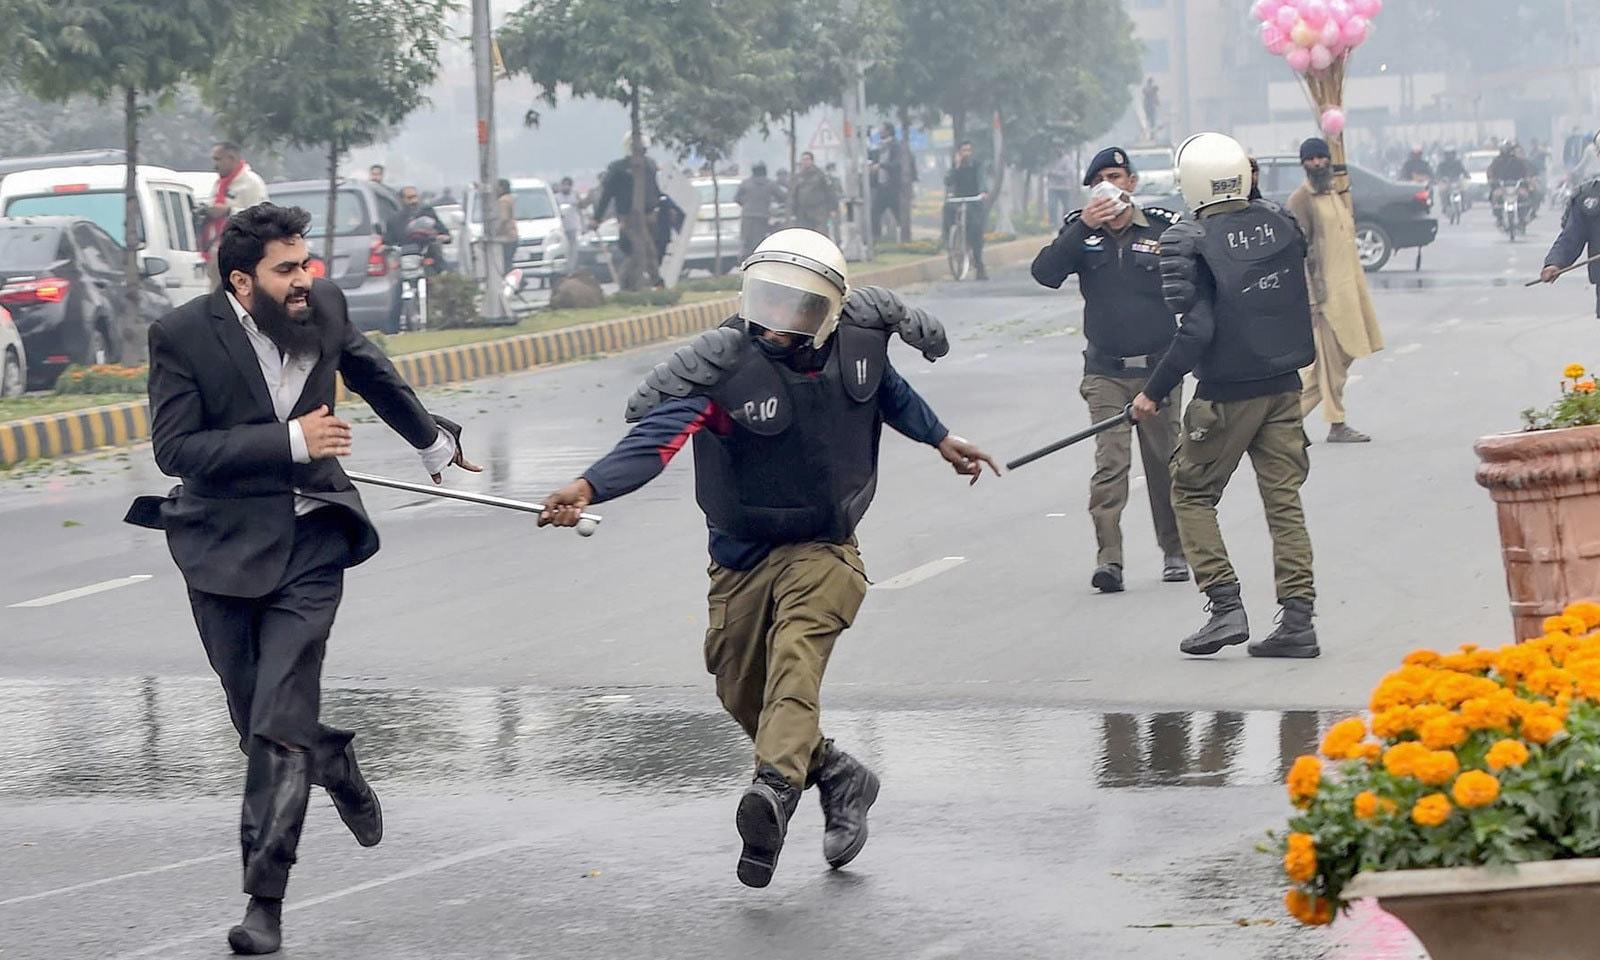 پولیس نے مشتعل وکلا کو منتشر کرنے کے لیے آنسو گیس کا استعمال کیا اور لاٹھی چارج بھی کیا — فوٹو: اے ایف پی